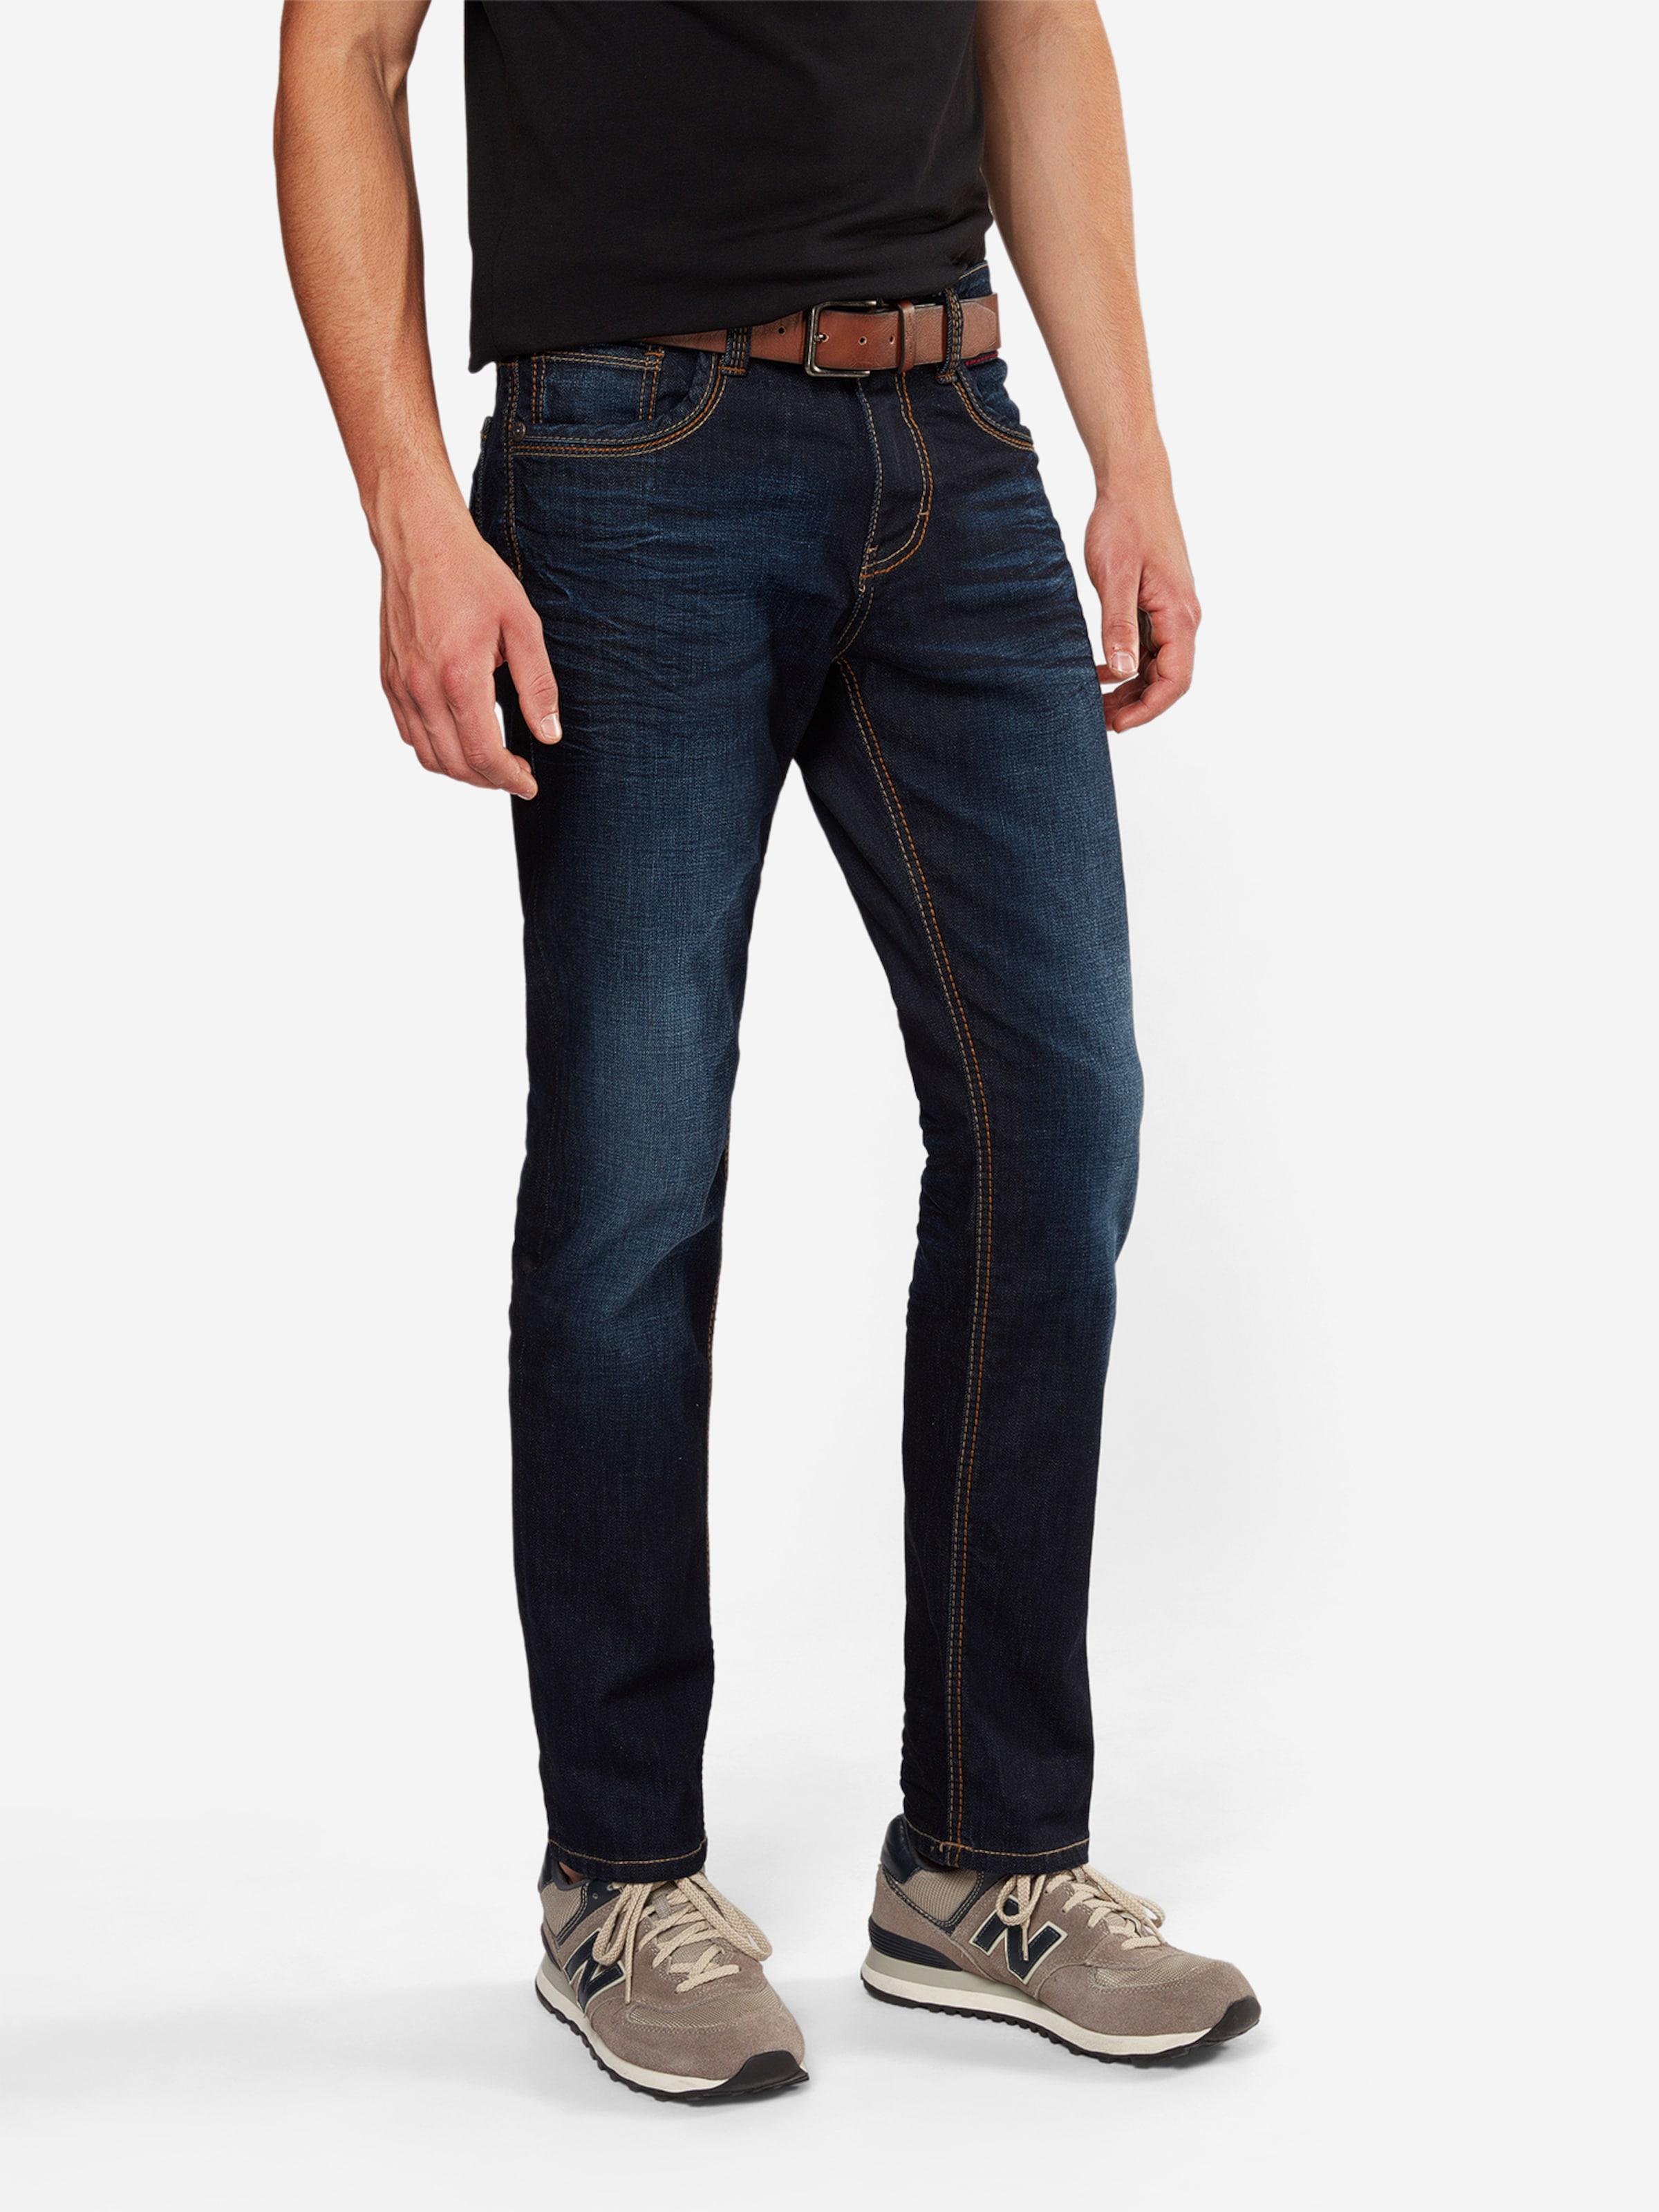 TOM TAILOR Jeans 'Denim Marvin Straight' 100% Garantiert 2018 Neue Billig Verkauf Empfehlen Vermarktbare Günstig Online Billig Verkauf Neueste 96dw6qi